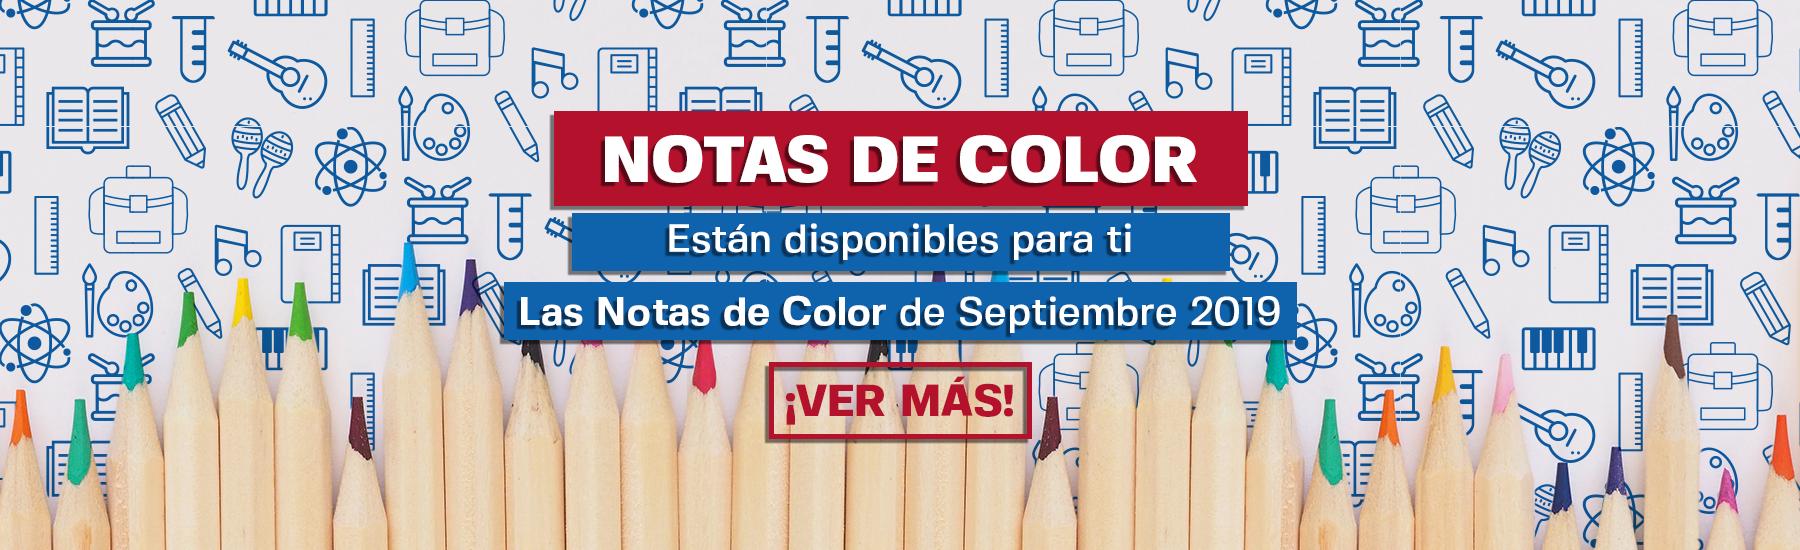 Notas de Color - Septiembre 2019